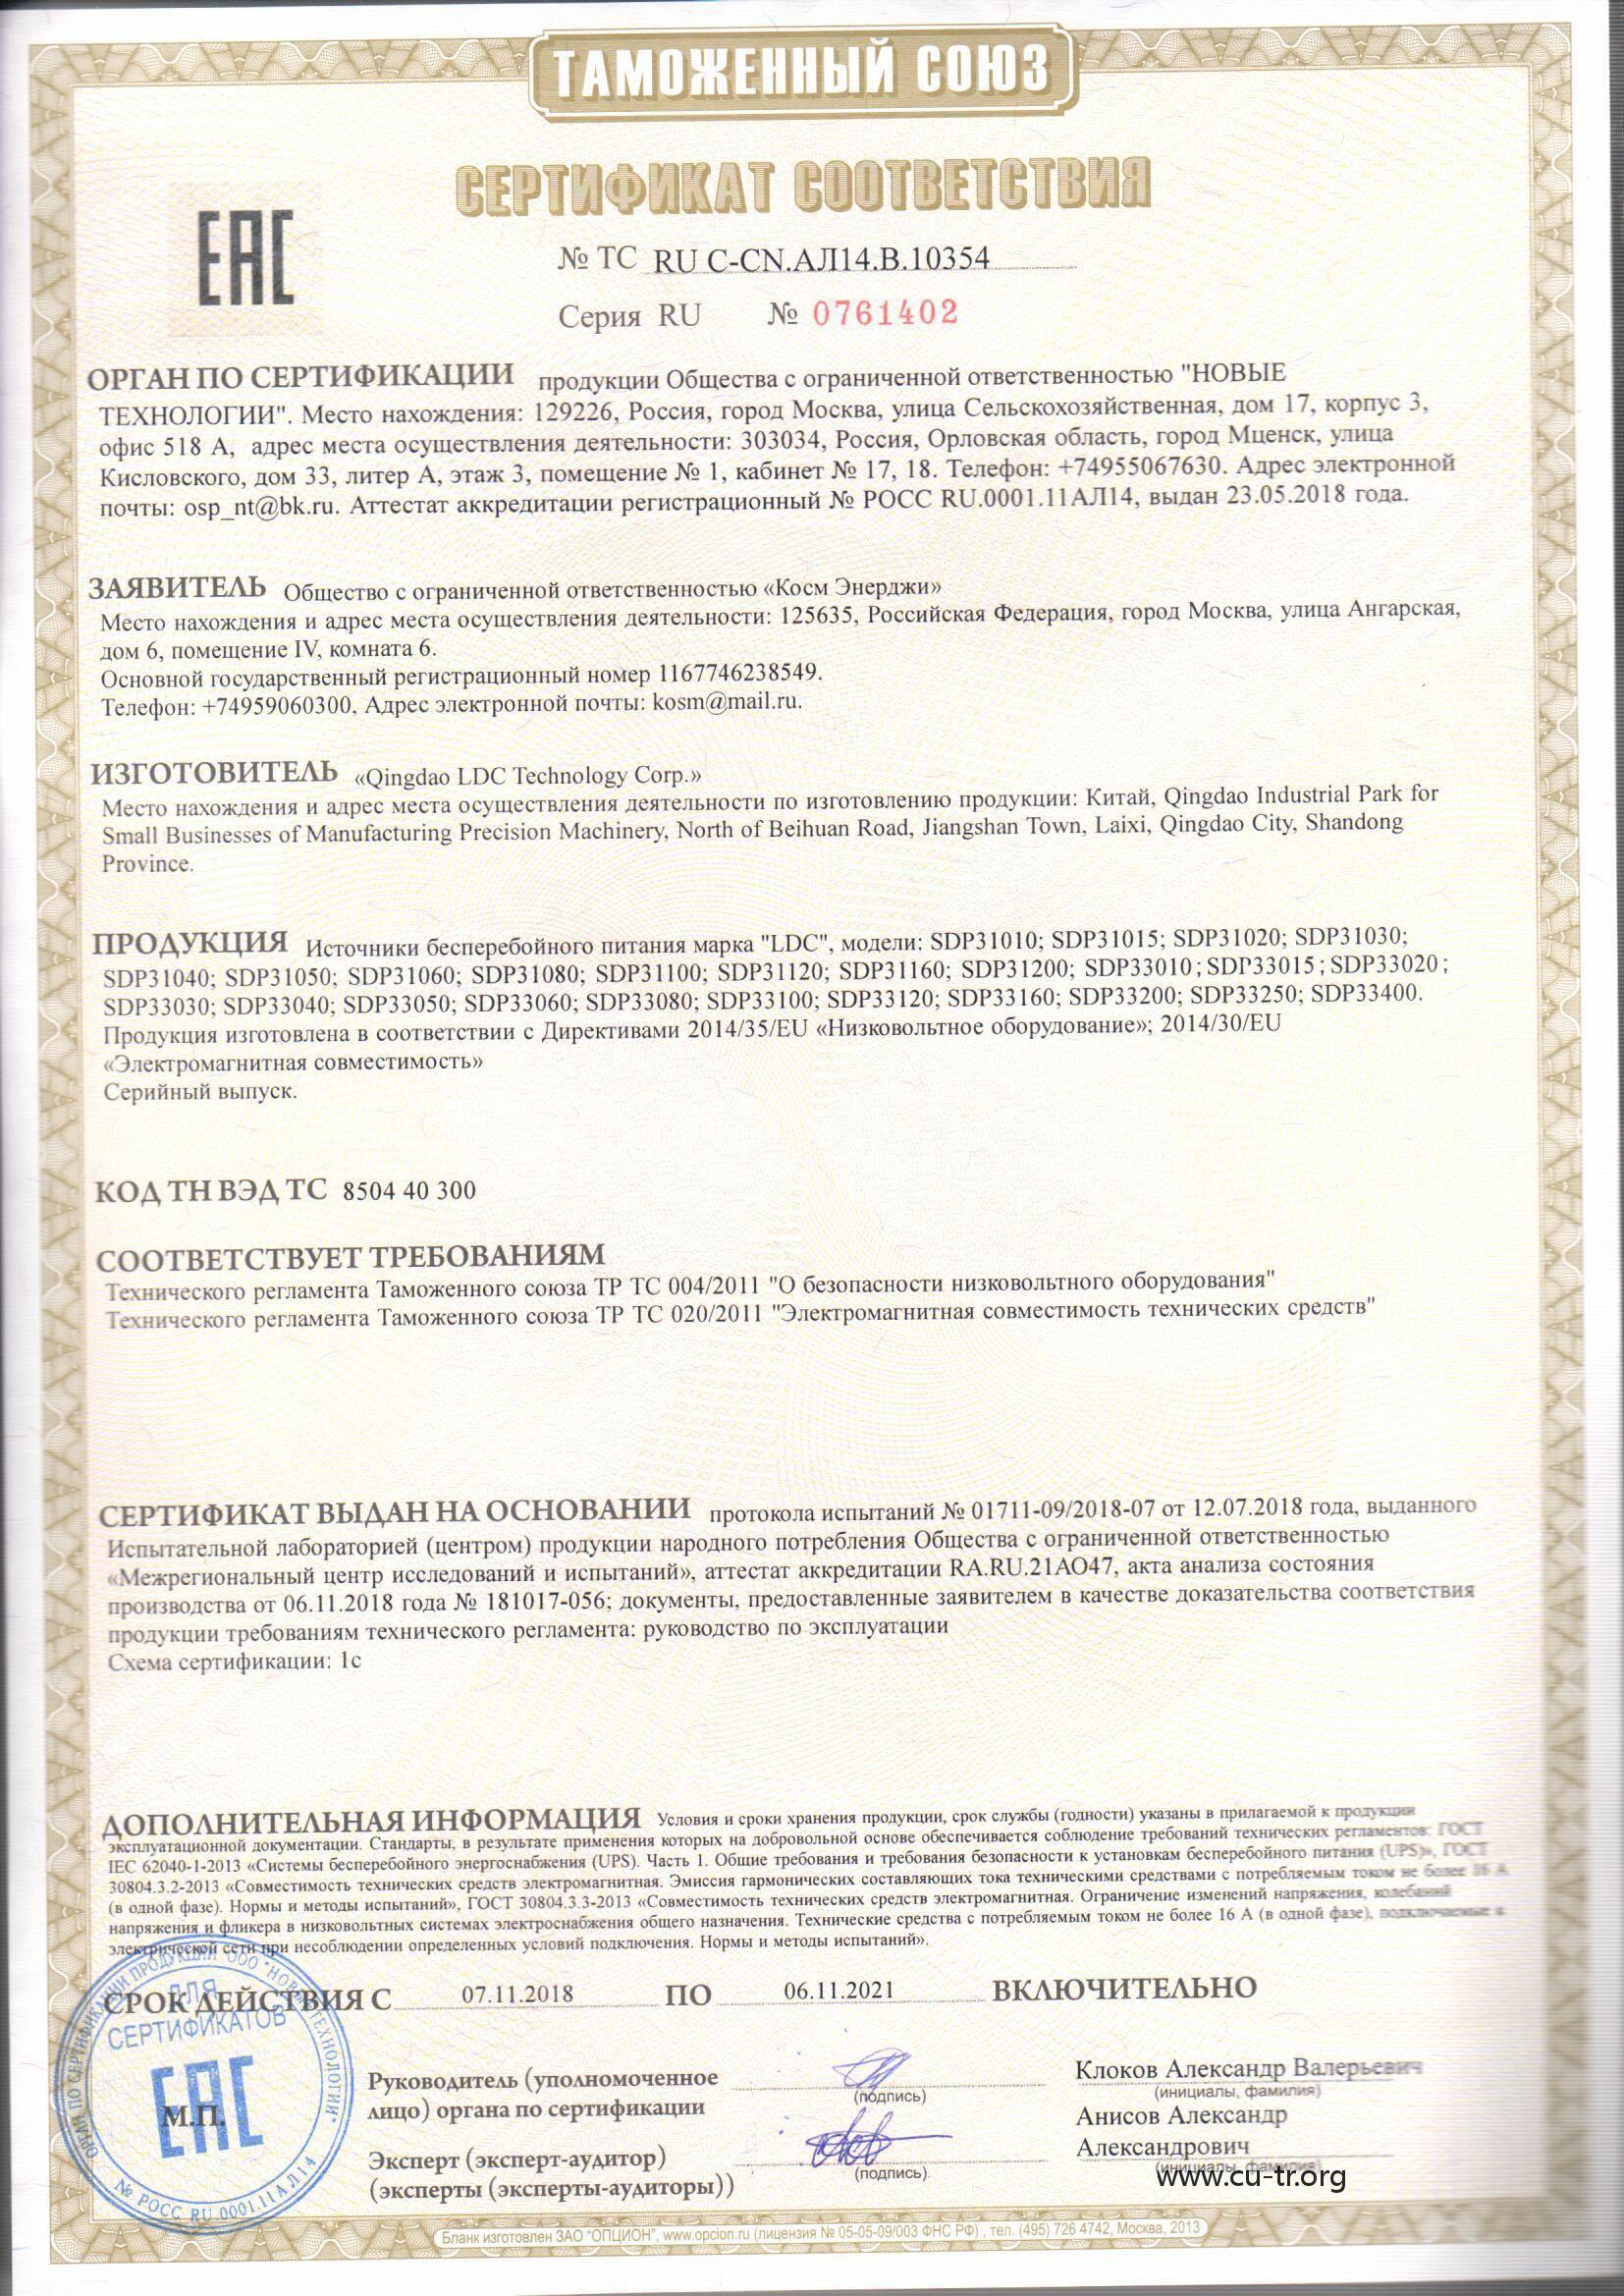 CU-TR认证/EAC认证合格证书-CU-TR Certificate of Conformity